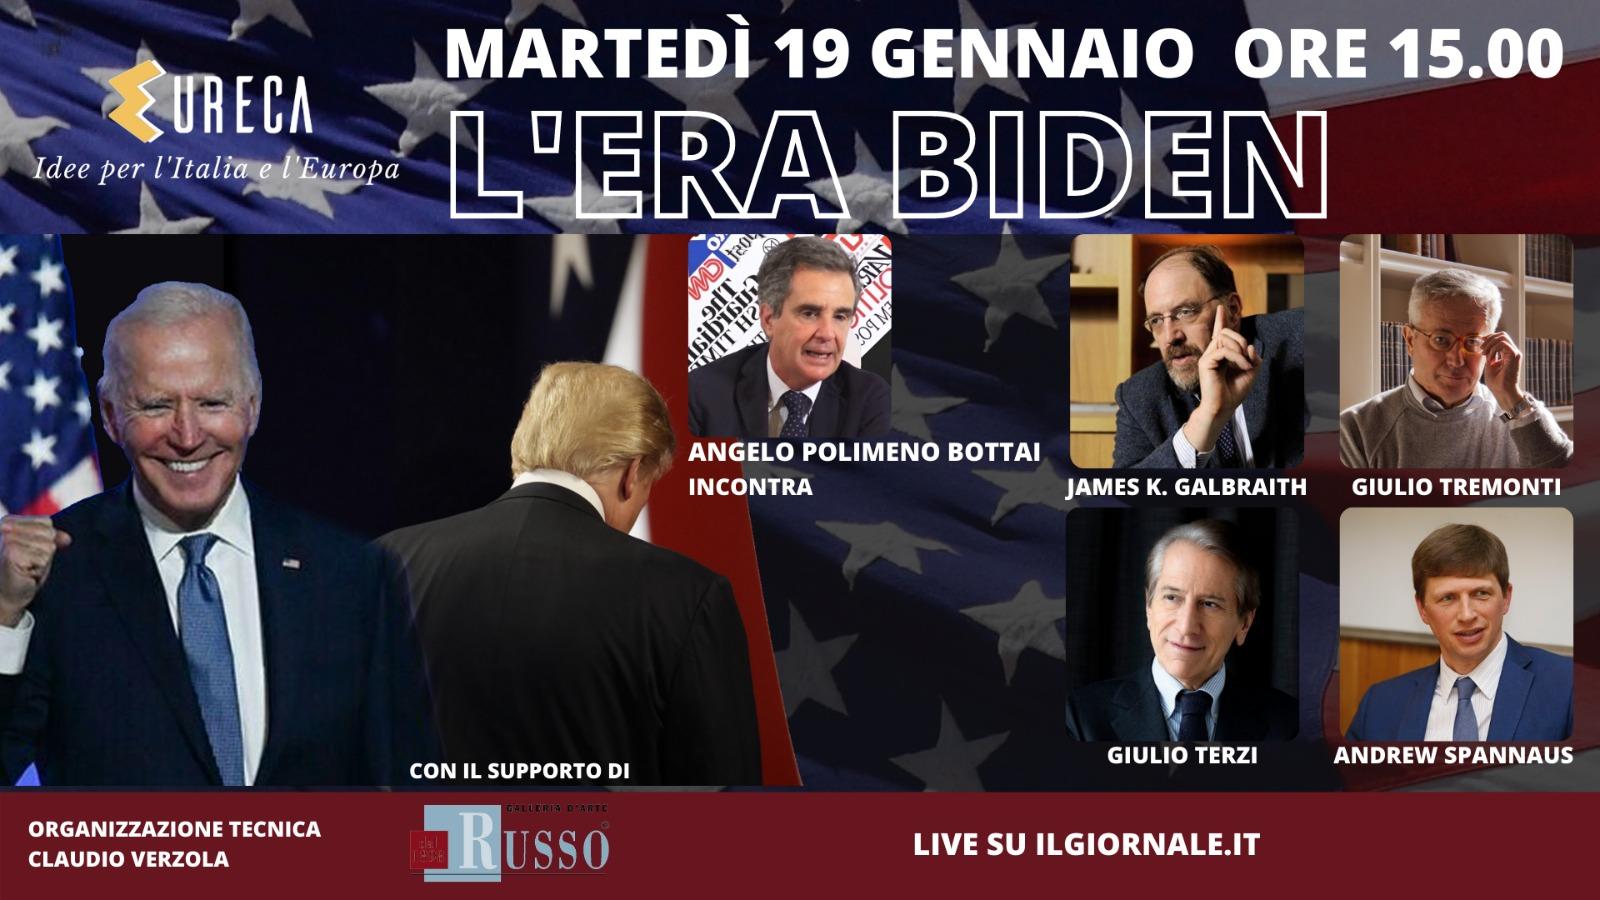 """اکنون """"دوران بایدن"""" آغاز می شود.  آنچه در ایتالیا اتفاق خواهد افتاد اینجا است"""